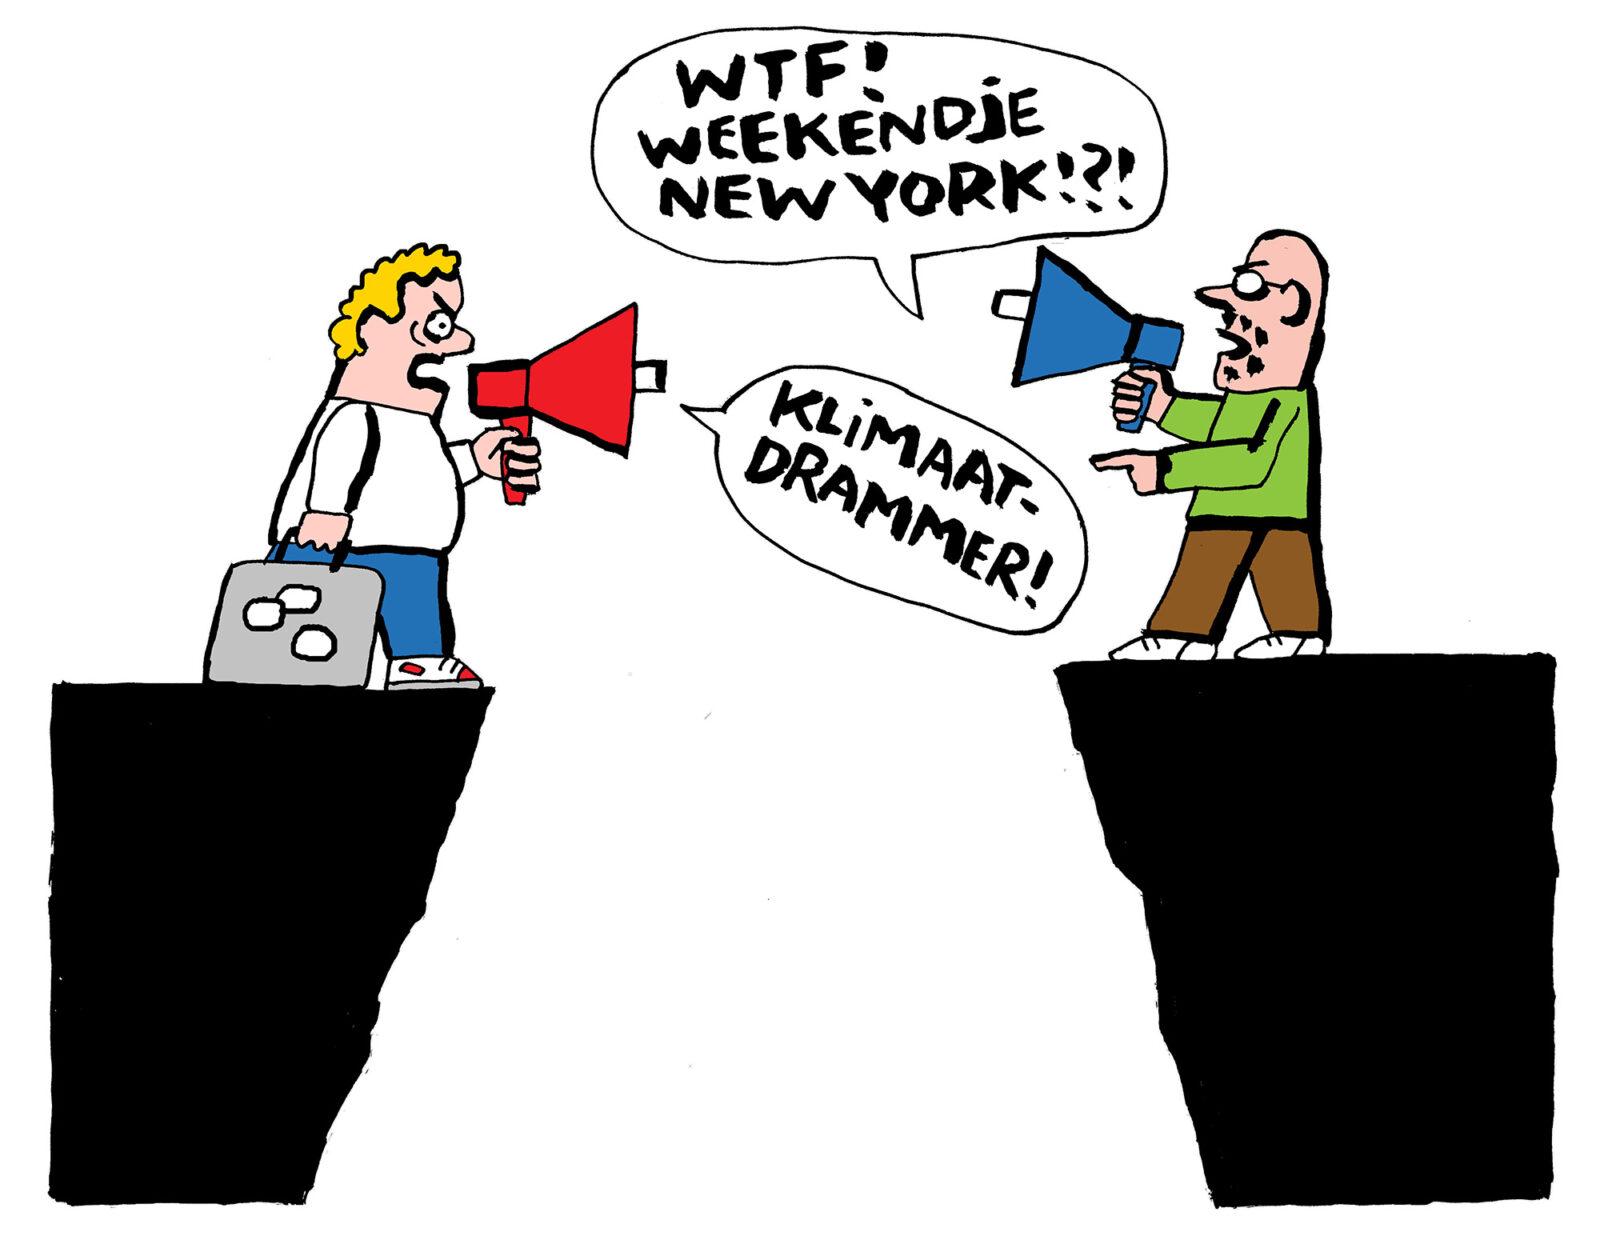 van der schot klimaatdrammer new york